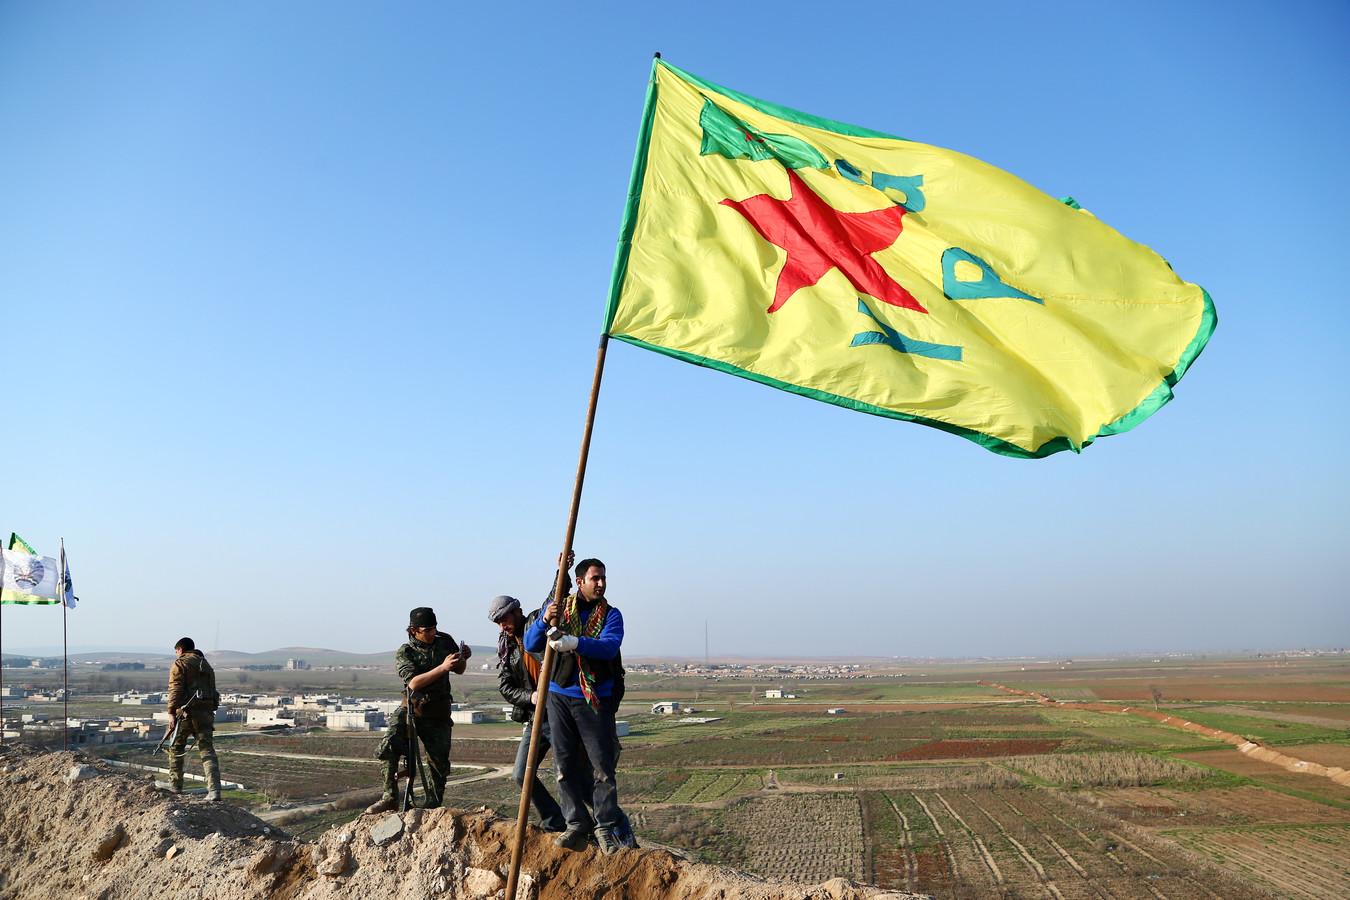 Koerdische Volksbeschermingseenheden (YPG) heisen de vlag bij de herovering van Kobani in 2015.